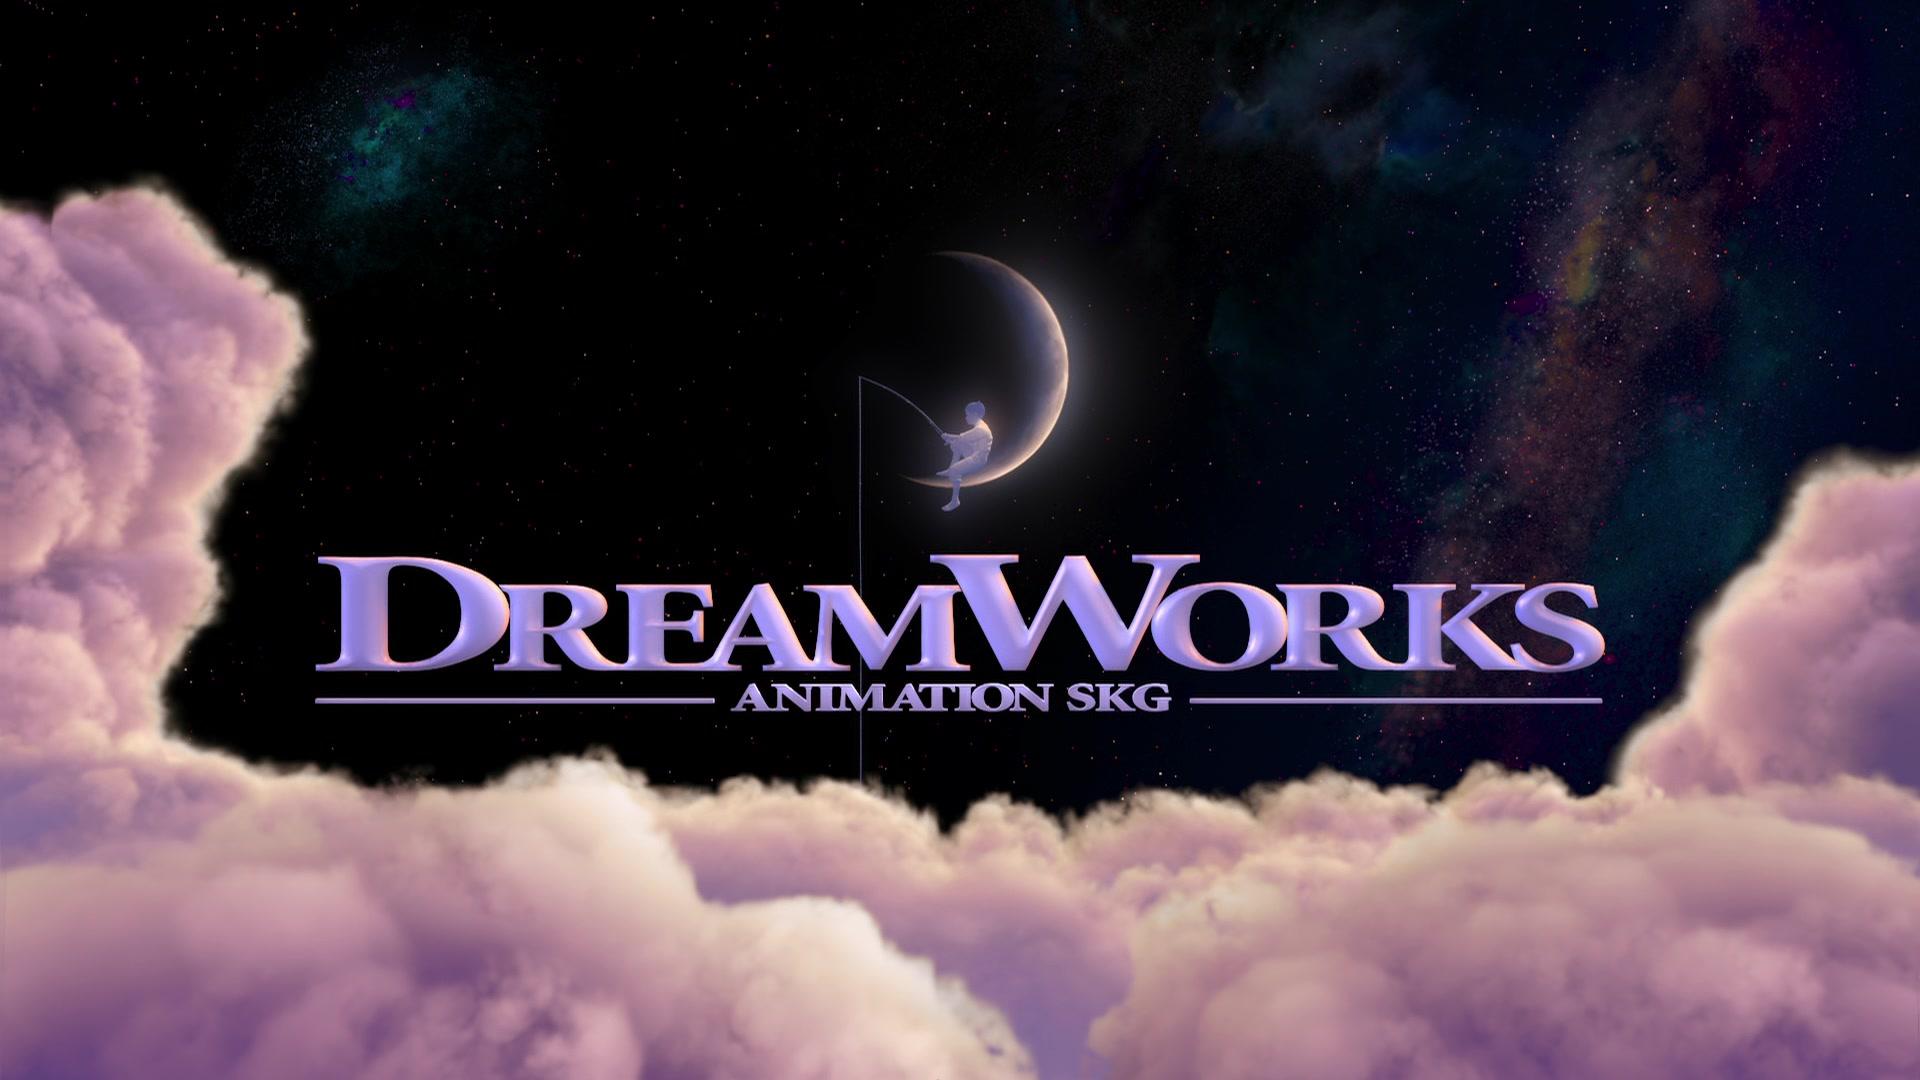 File:DreamWorks Studios logo.png |Dreamworks Animation Skg Studios